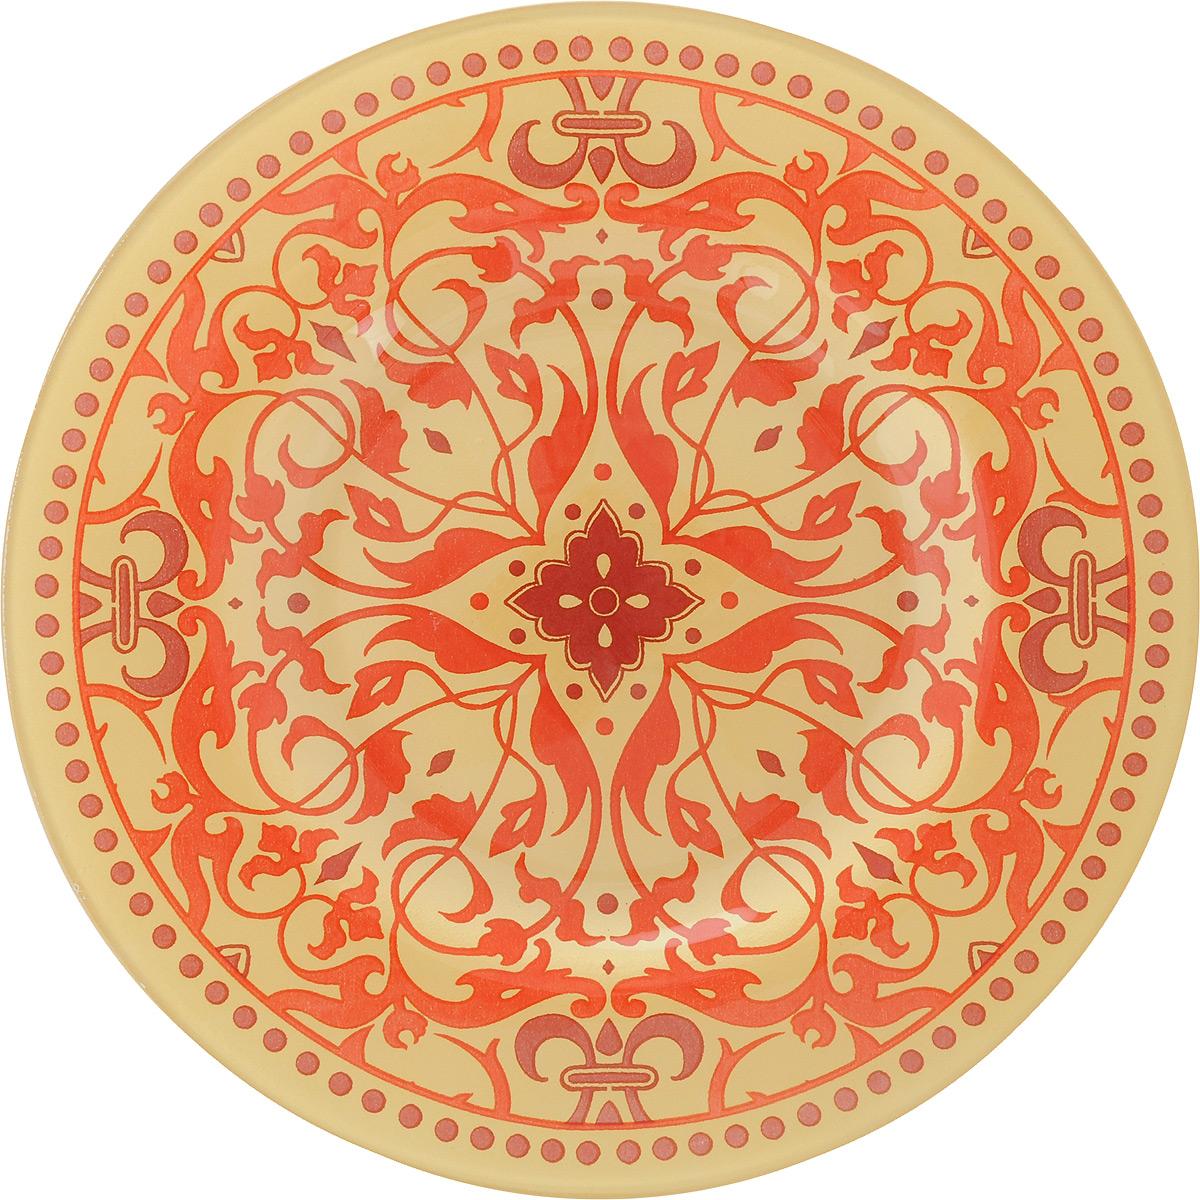 Тарелка Zibo Shelley Золотой узор-1, диаметр 20 смZSS3008A-1Круглая тарелка Zibo Shelley Золотой узор-1, изготовленная из стекла, декорирована ярким узором. Она не только украсит сервировку вашего стола и подчеркнет прекрасный вкус хозяйки, но и станет отличным подарком. Можно использовать в посудомоечной машине и СВЧ. Диаметр: 20 см. Высота: 1 см.